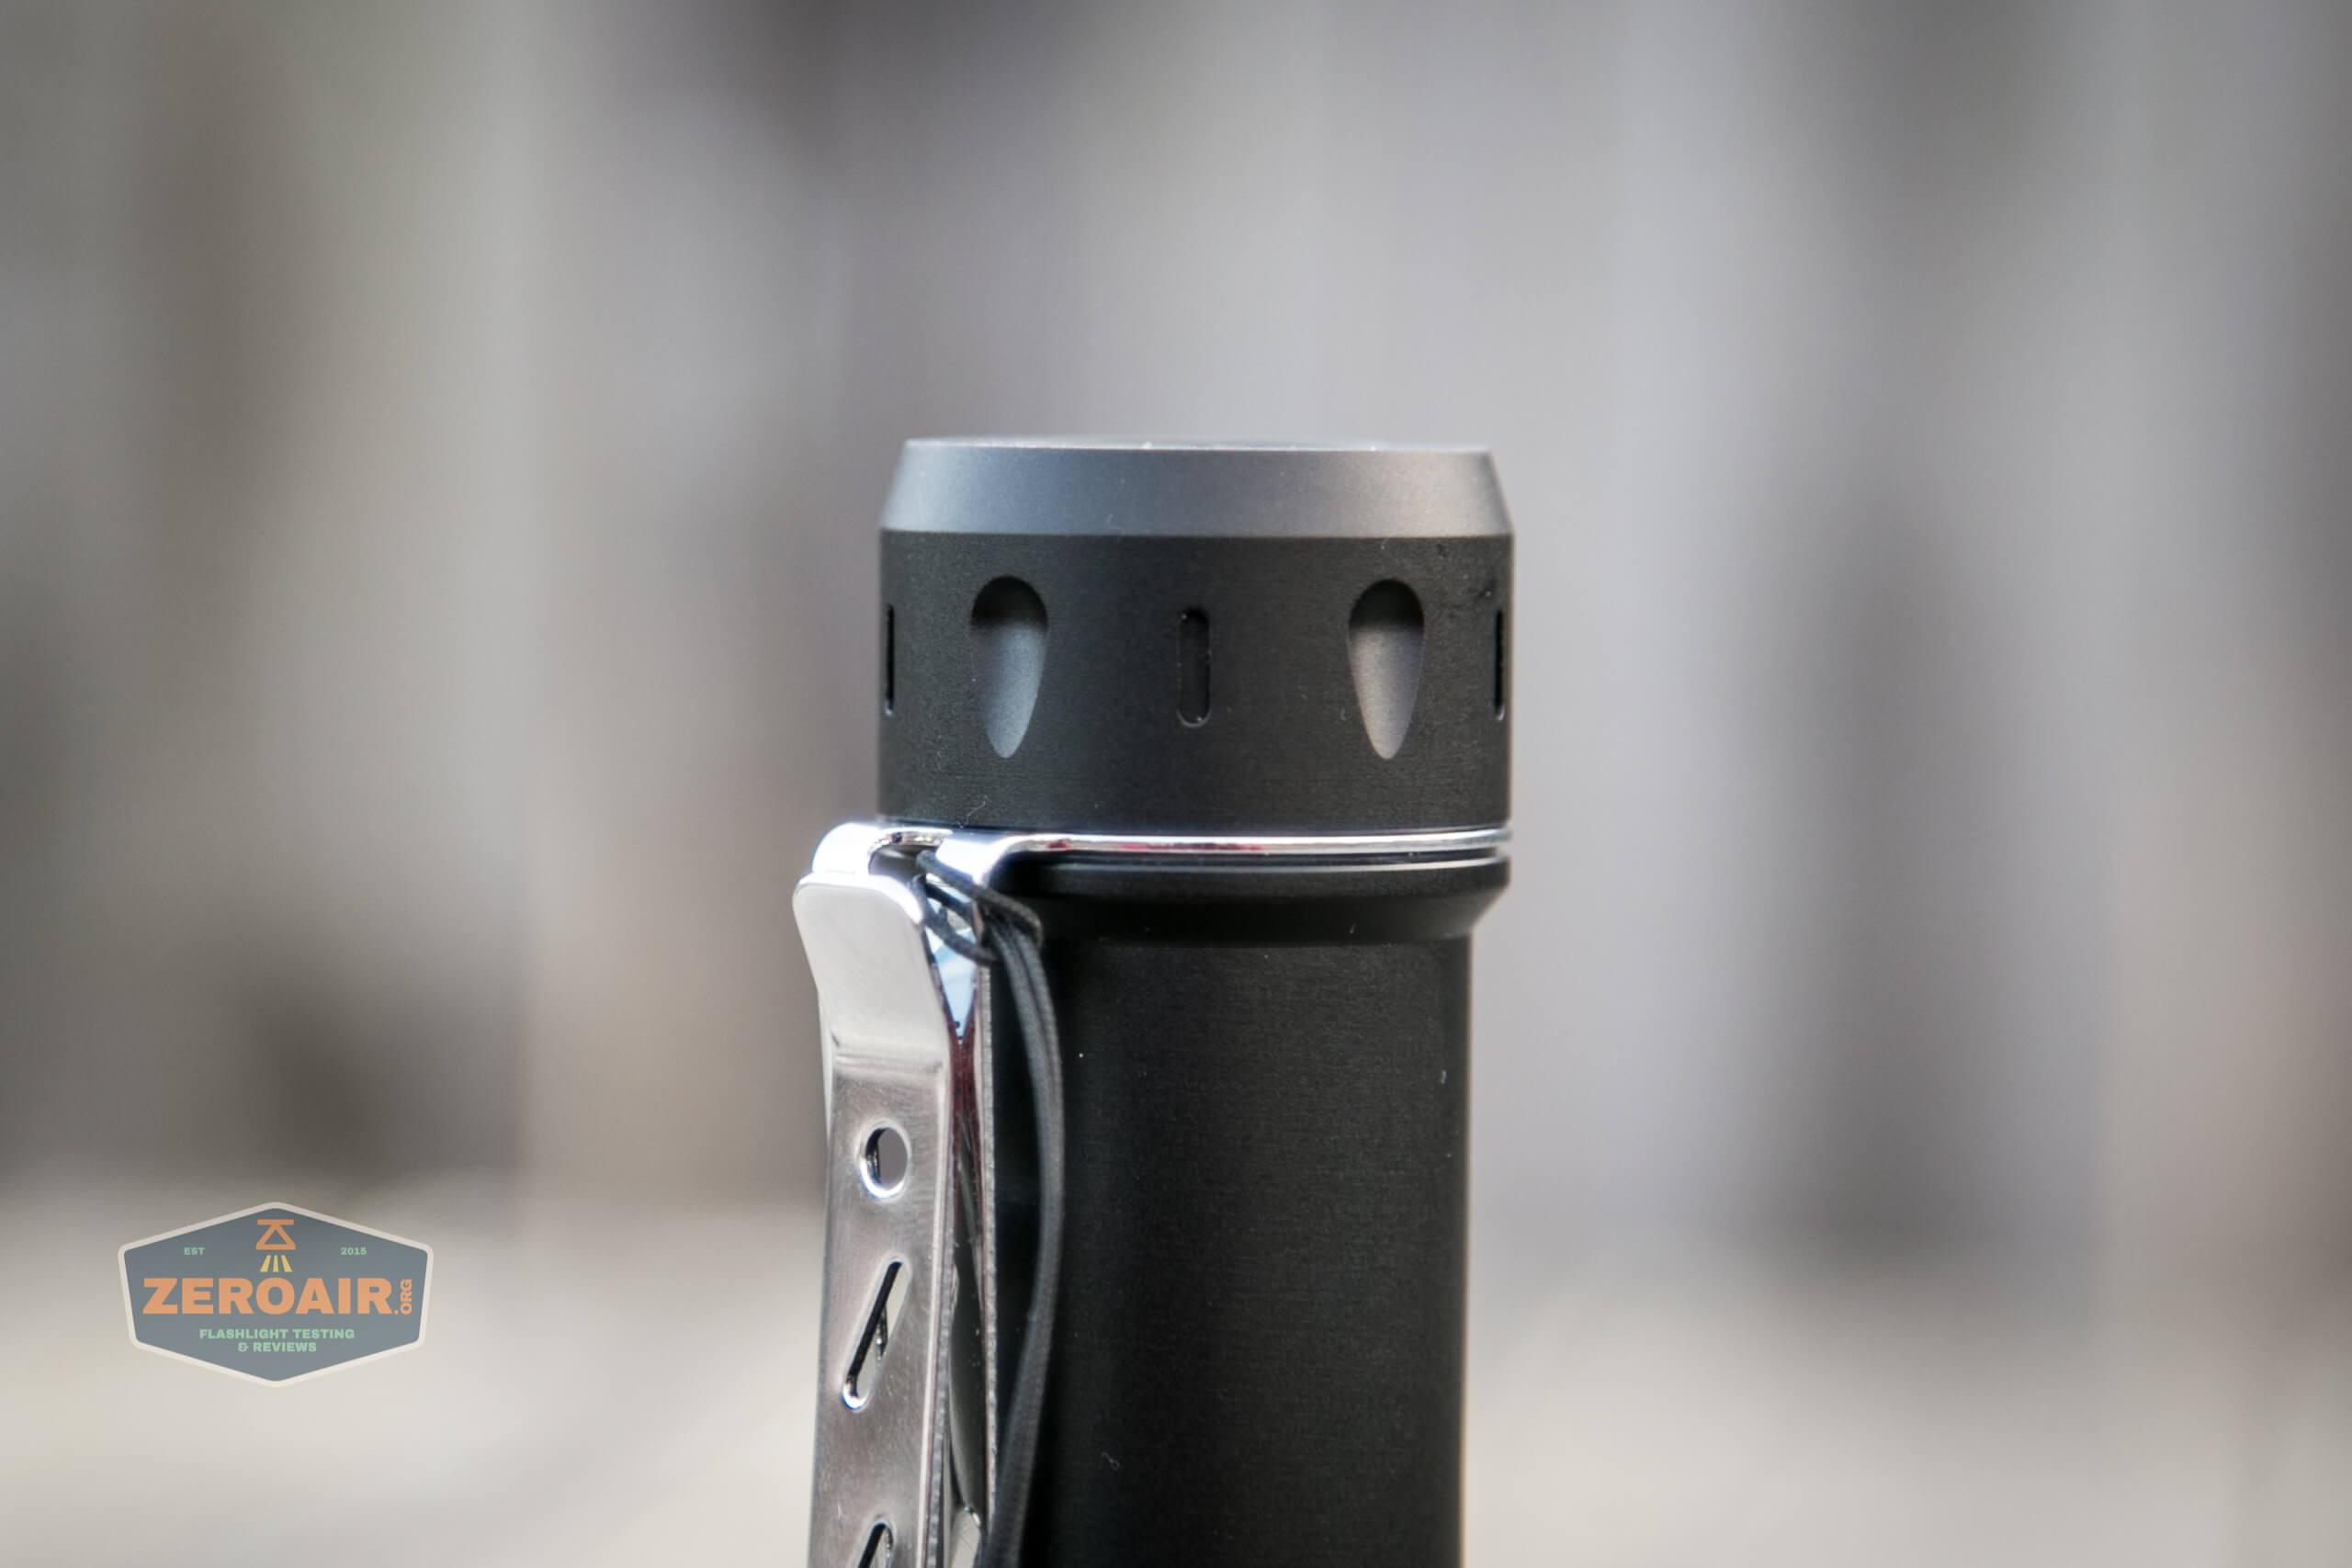 NlightD T90 luminus sbt-90.2 Andúril pocket clip lanyard installed